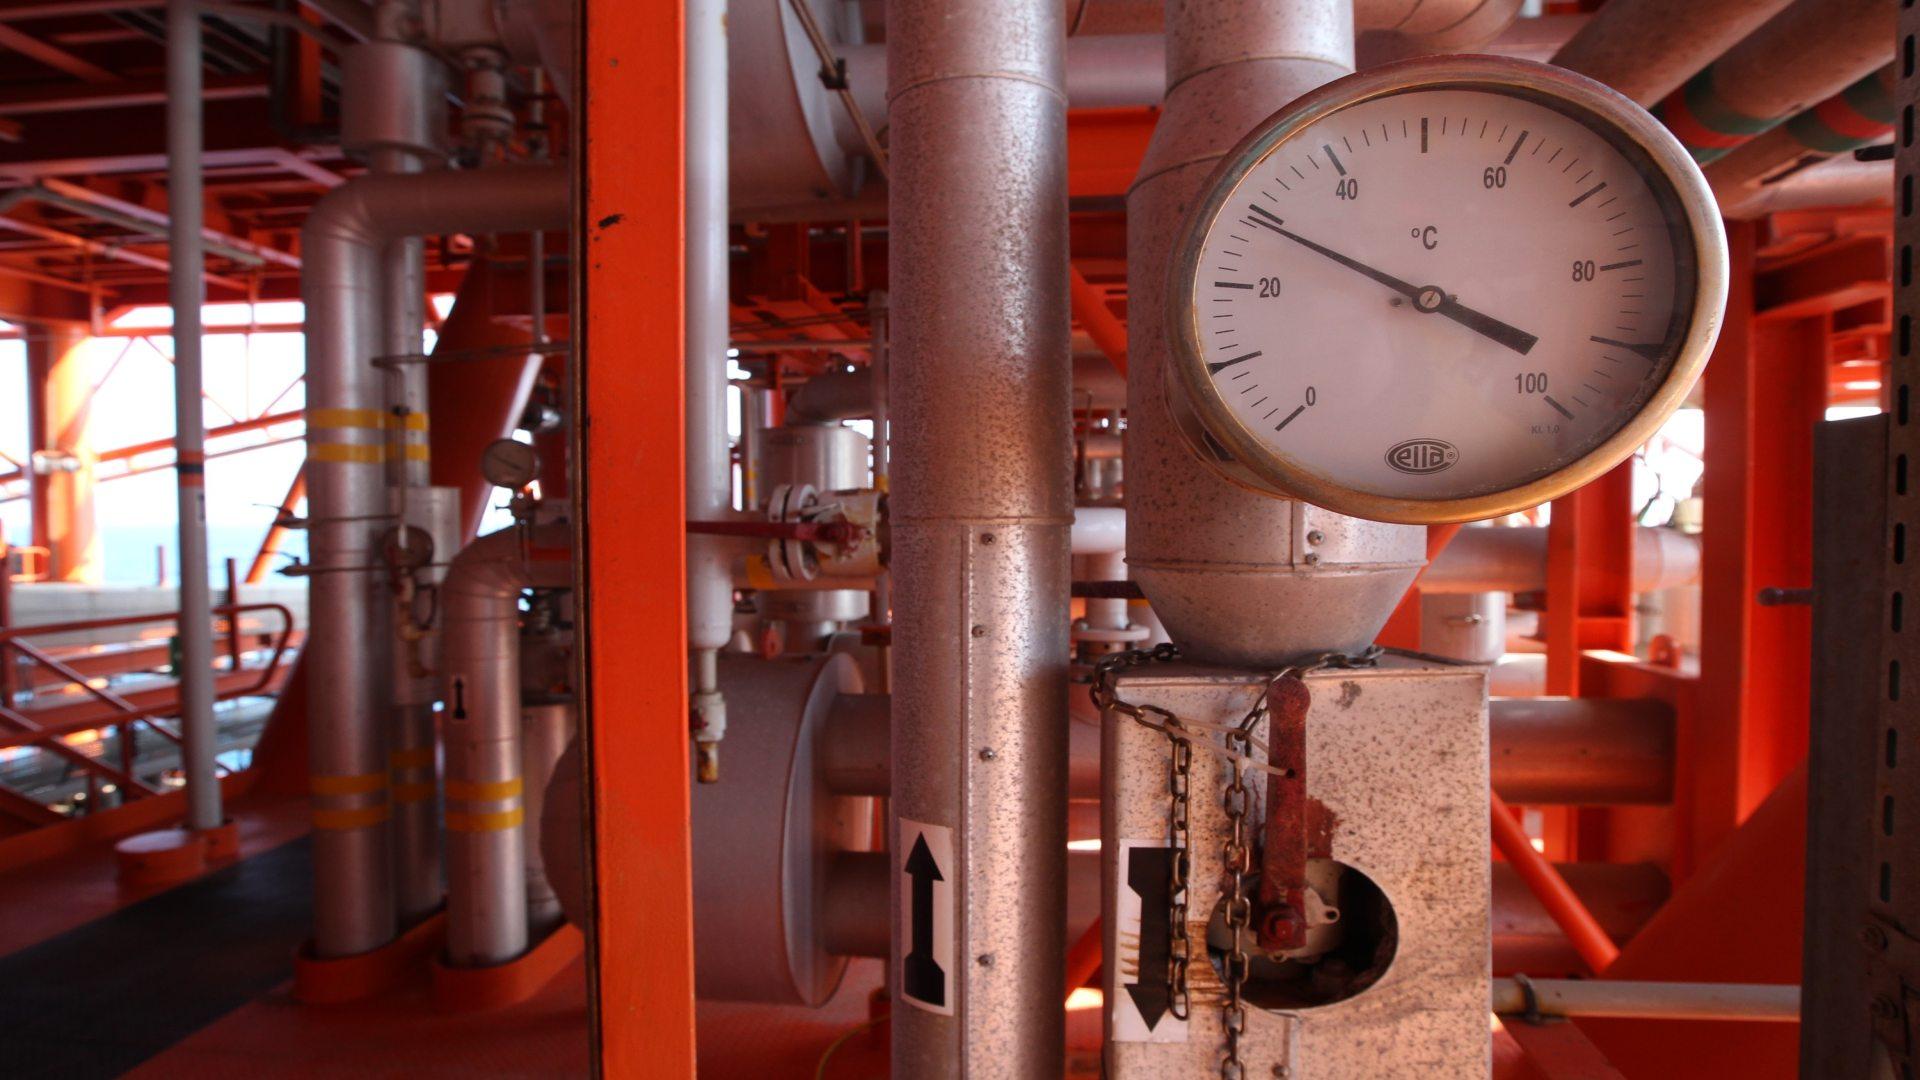 PREKID PREGOVORA S RUSIJOM Ukrajina obustavila kupnju ruskog plina